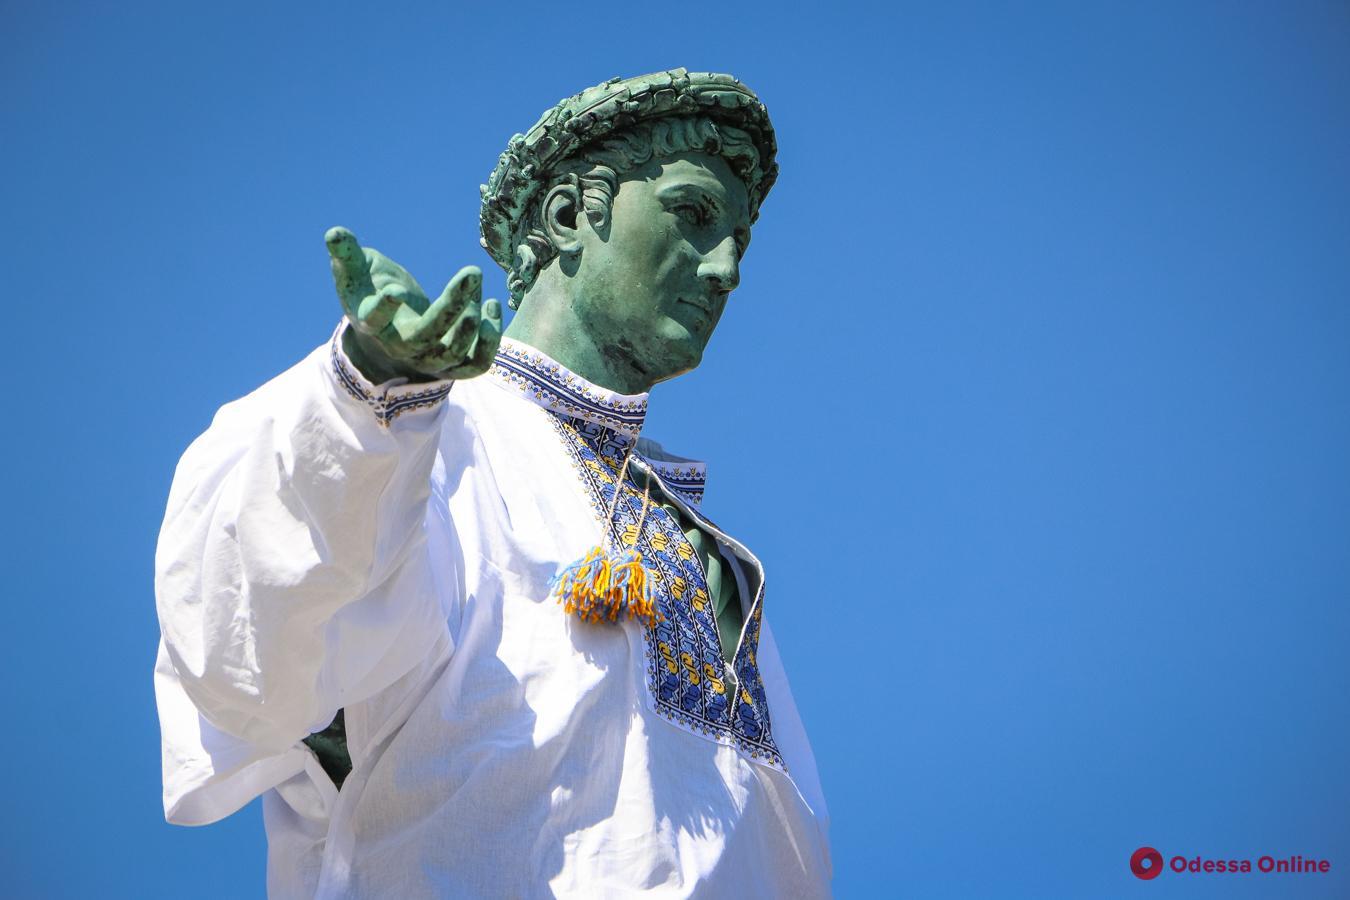 Поднятие флага над Потемкинской лестницей, массовый диктант и парад: в Одессе пройдет Вышиванковый фестиваль